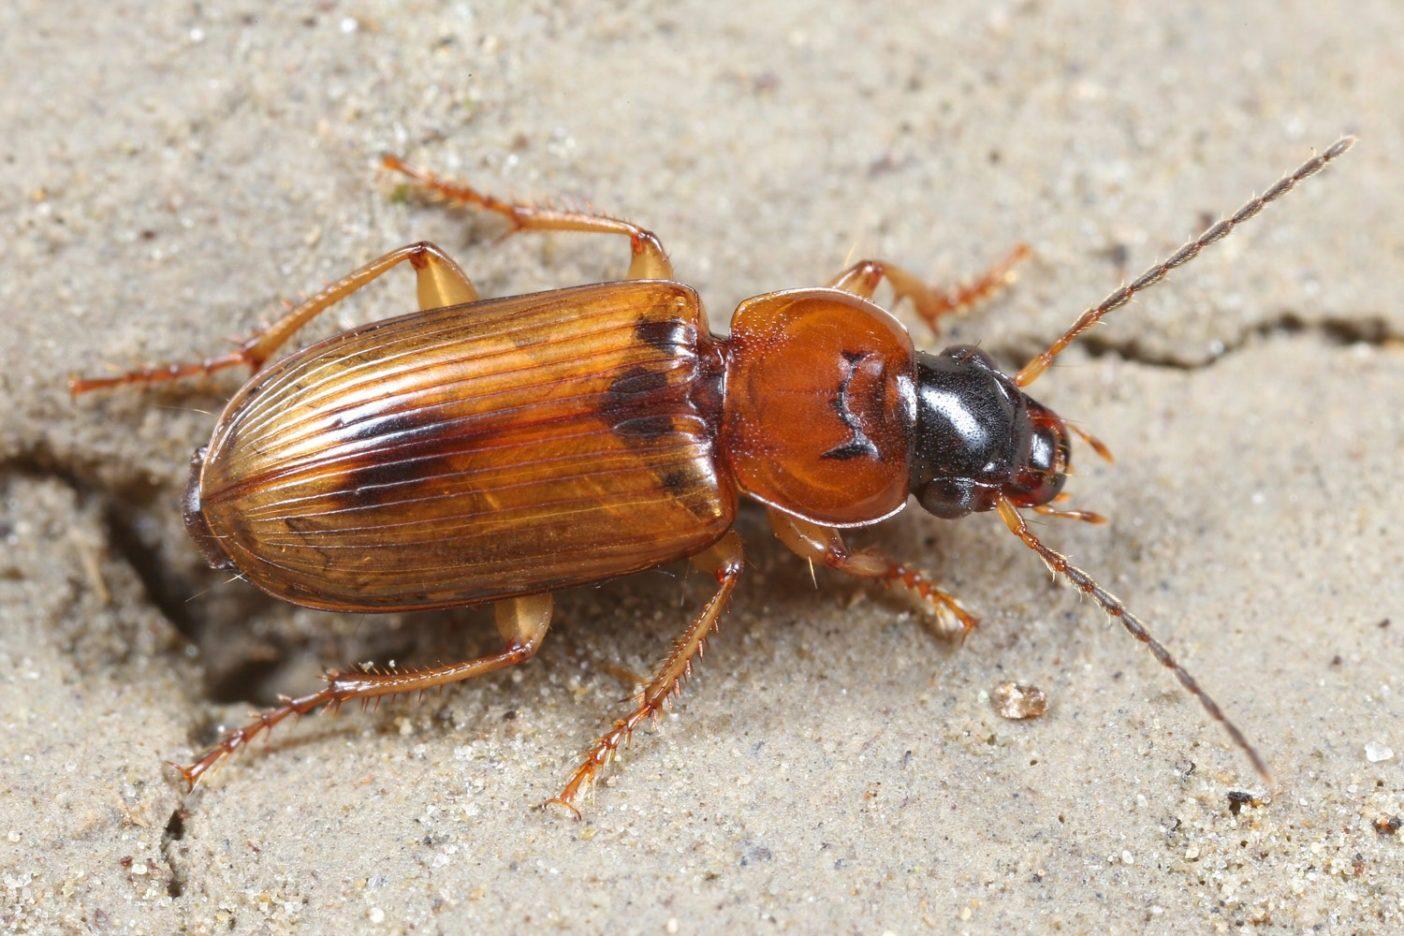 ステノロフス・ディスコフォルス(オサムシ科の昆虫)は活発な氾濫原を象徴する種。ポセム地区では多く見られるが、中央ヨーロッパでは絶滅危惧種に属している。 Photo: © Wolfgang Paill